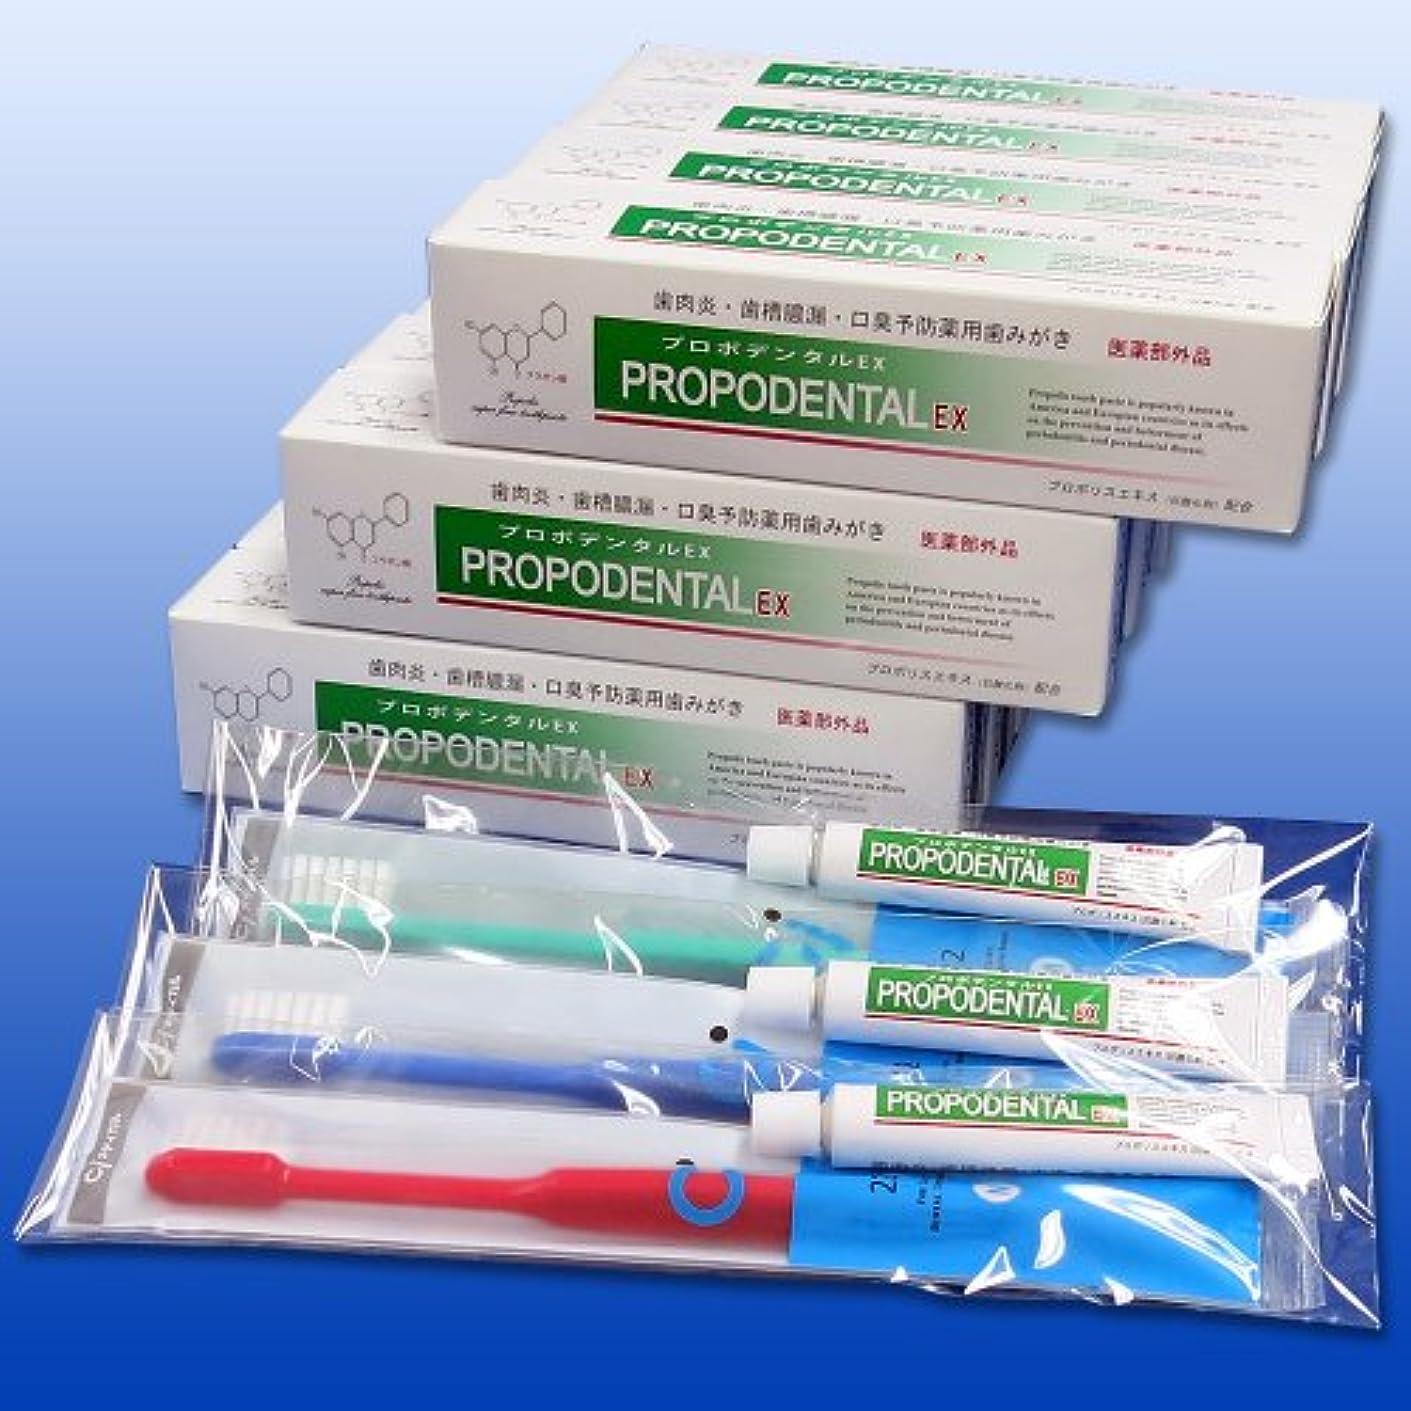 ぼろ無し同意するプロポデンタルEX(80g)12本セット+ハブラシセット 3セット【歯周病】歯磨き粉 プロポリス配合薬用歯みがき 口臭ケア